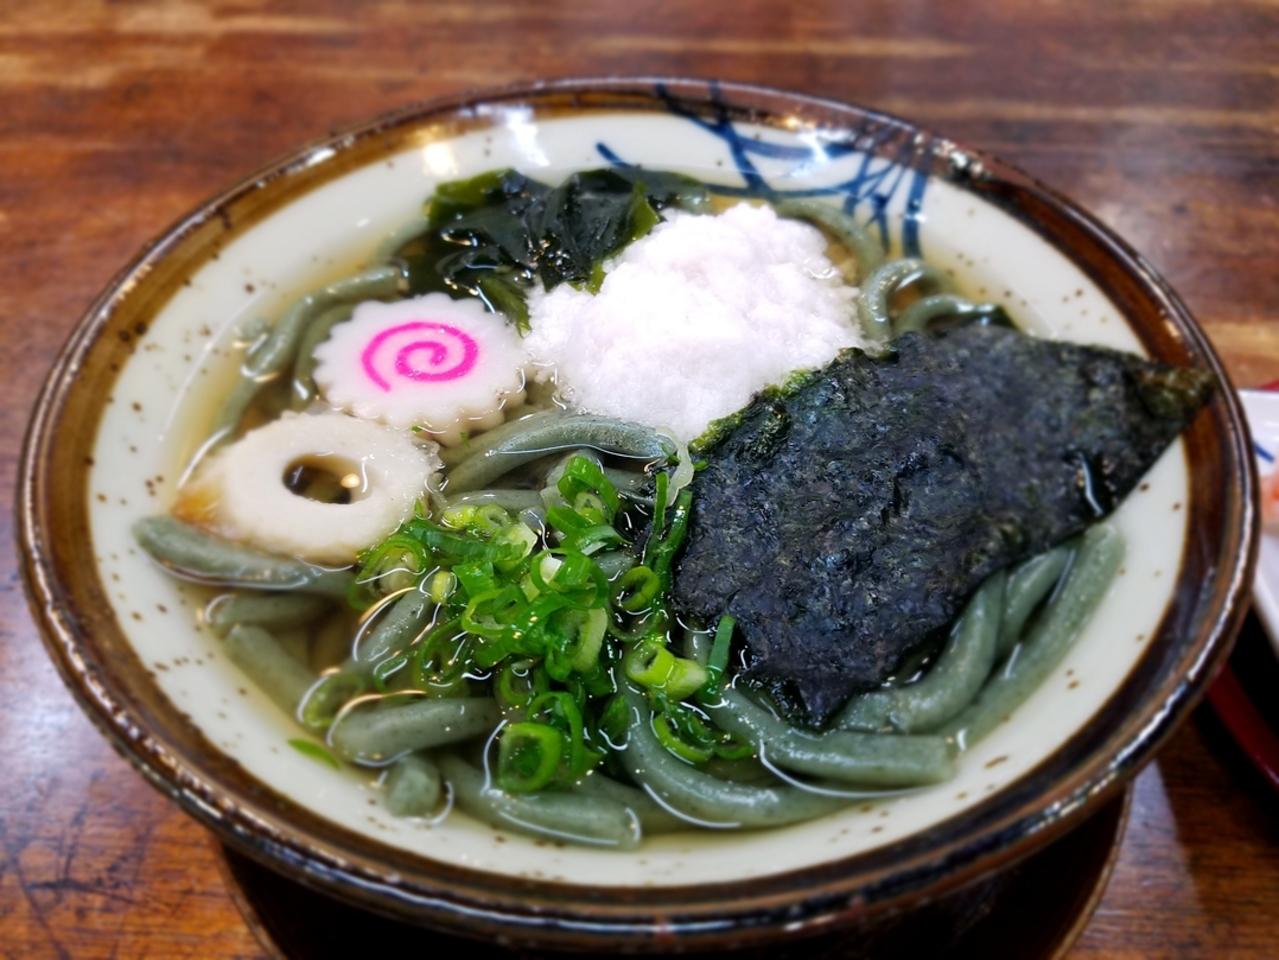 滋賀県長浜駅前のレトロな食堂『中島屋食堂』